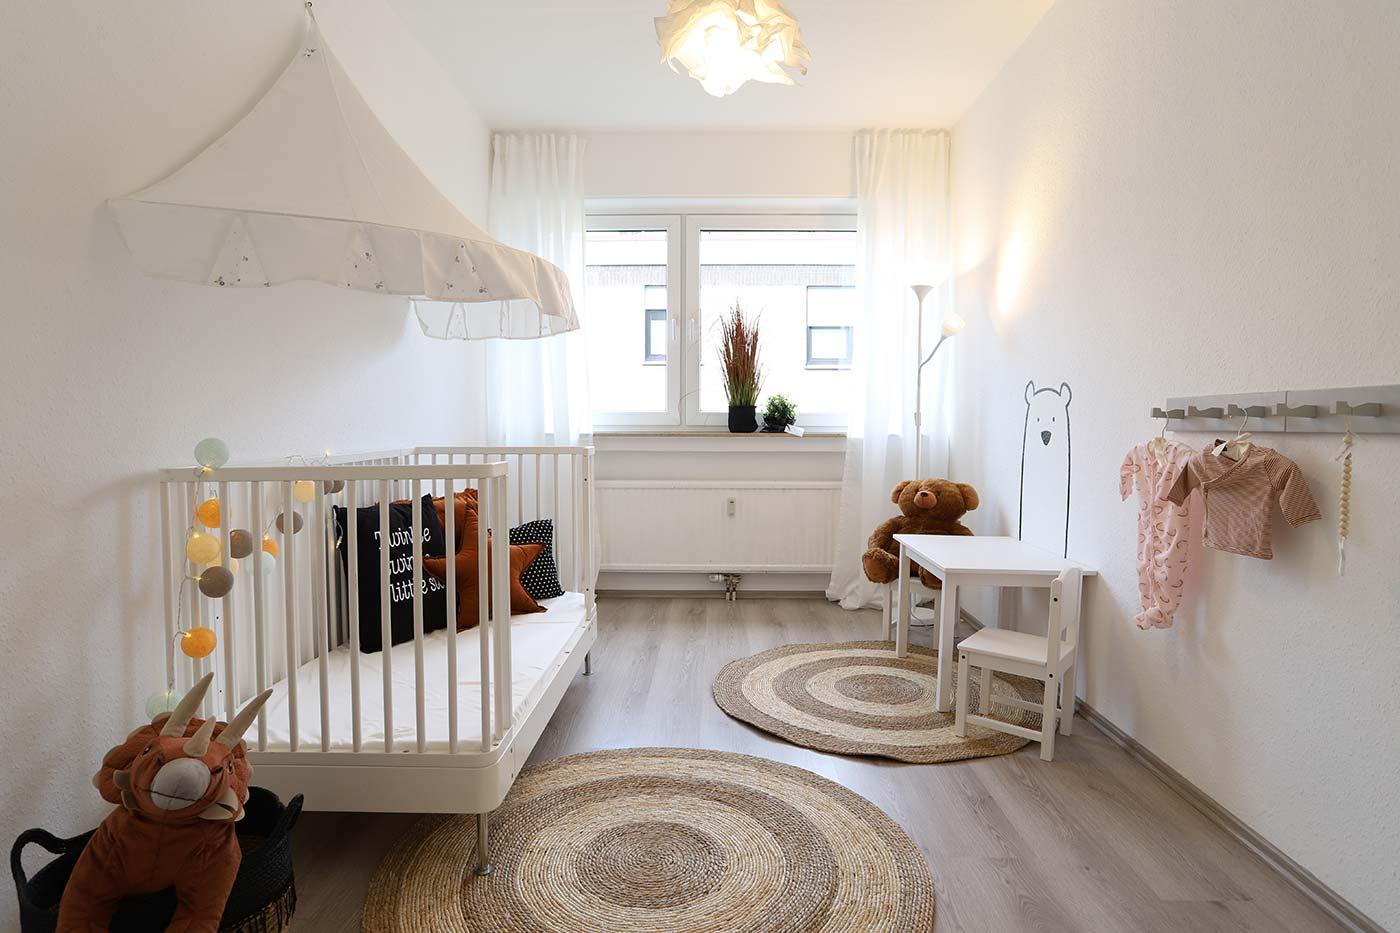 Homestaging für das Kinderzimmer durch Blickfang Homestaging in Soest